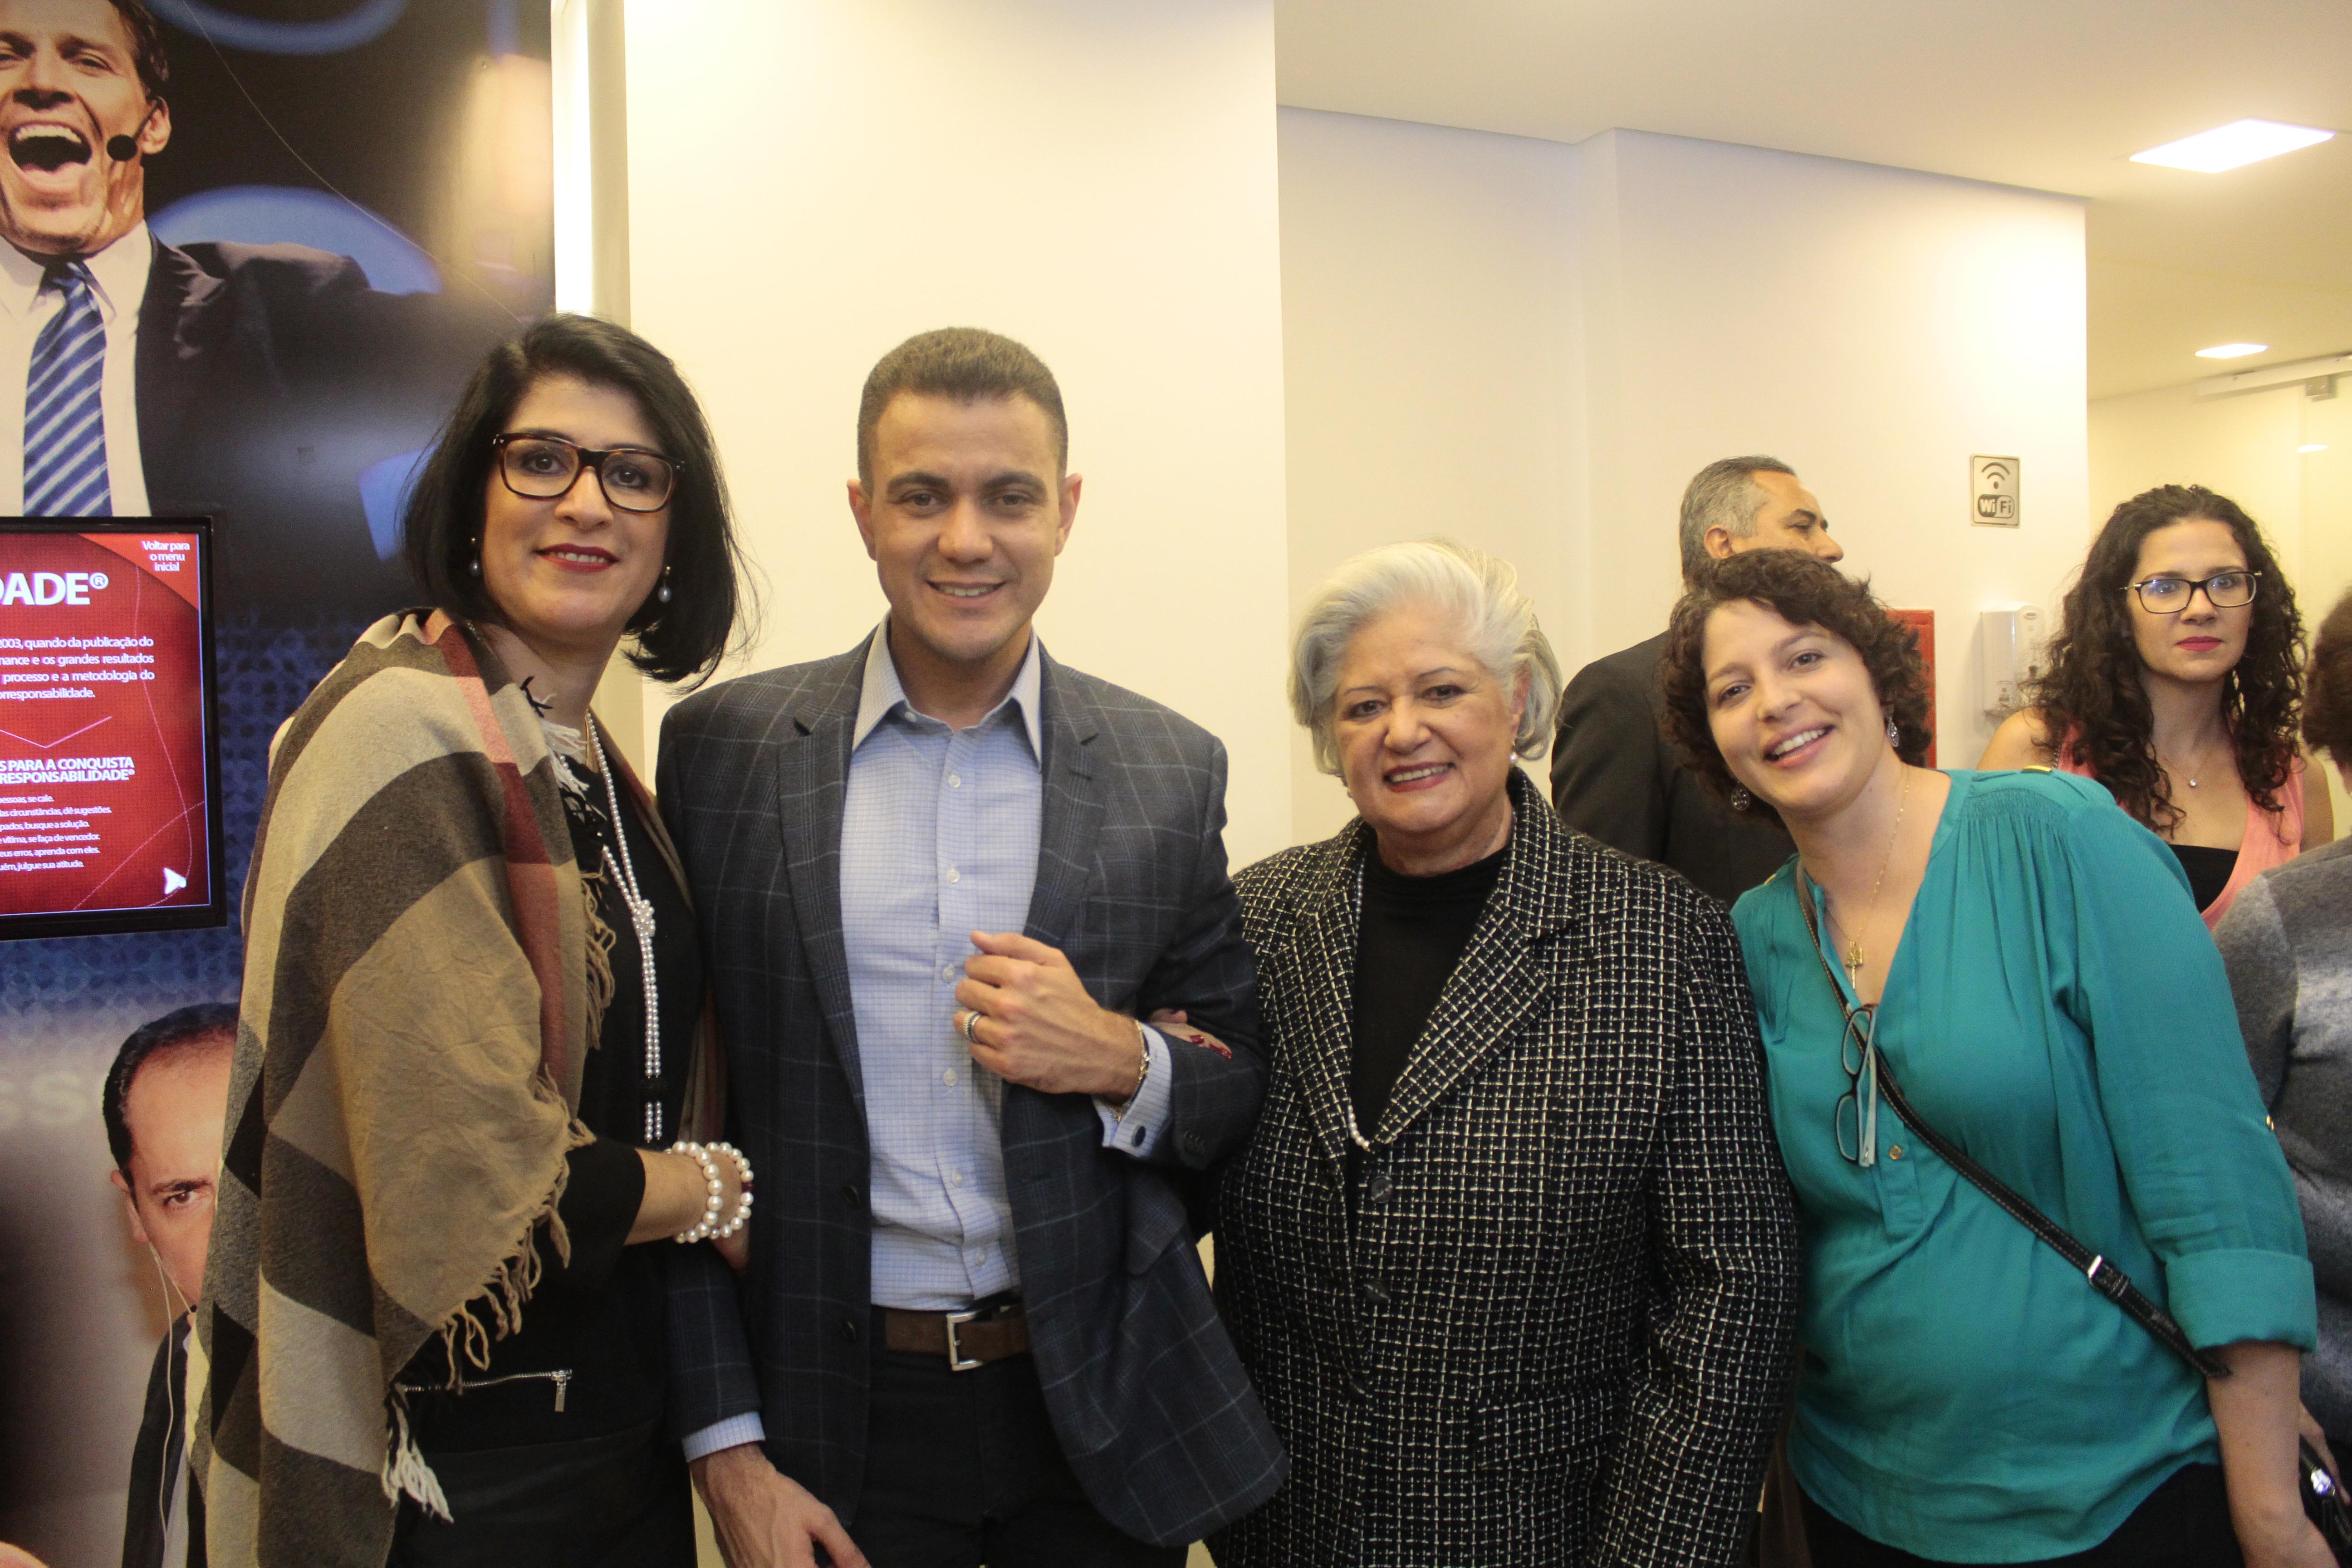 Beatriz Borges, Tiago Correia,Maria Alice, Ludmila Freitas.